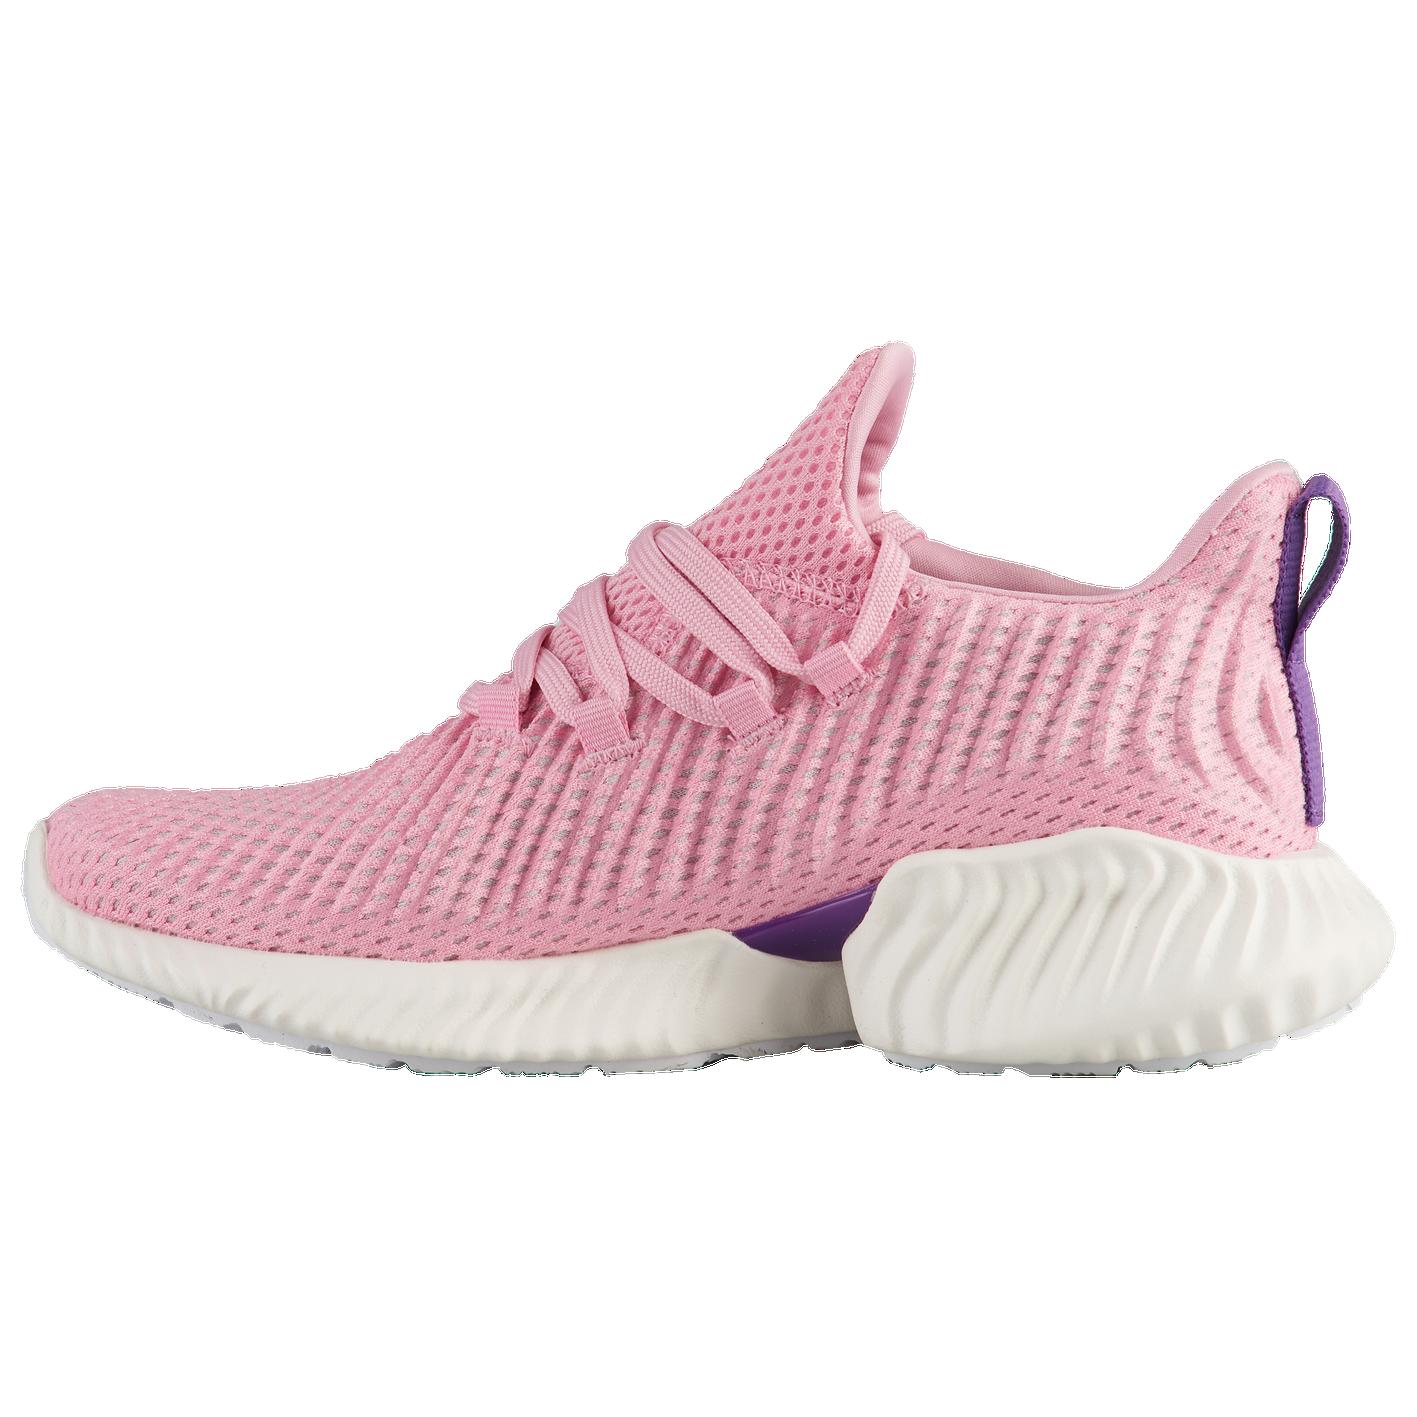 be2a58cd2 adidas Alphabounce Instinct - Girls  Grade School - Running - Shoes ...